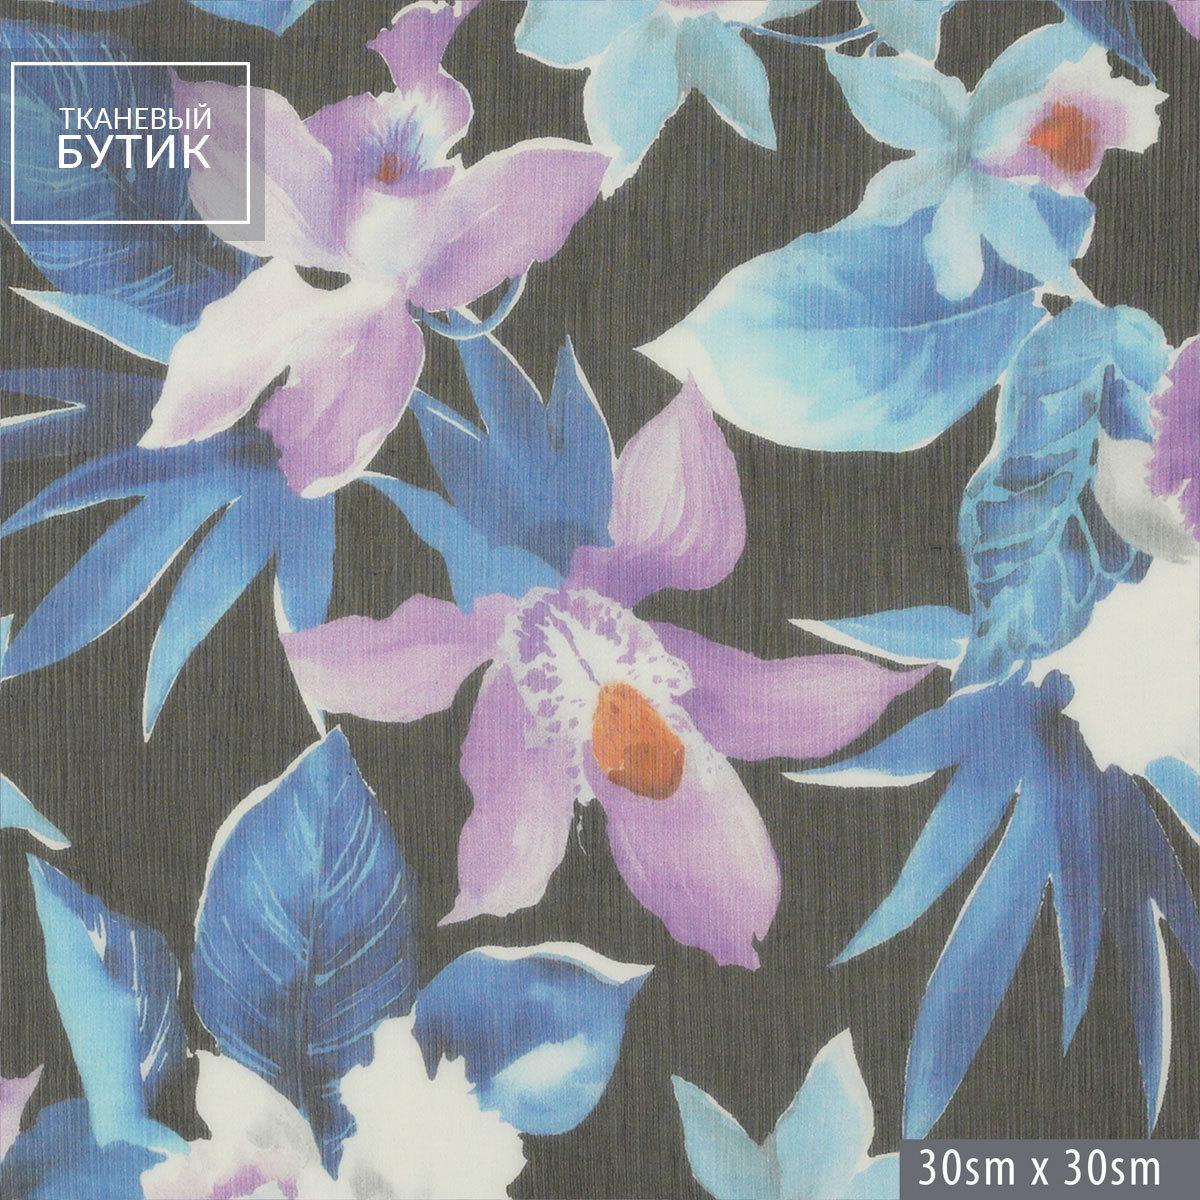 Шелковый жатый шифон с сине-фиолетовыми ирисами